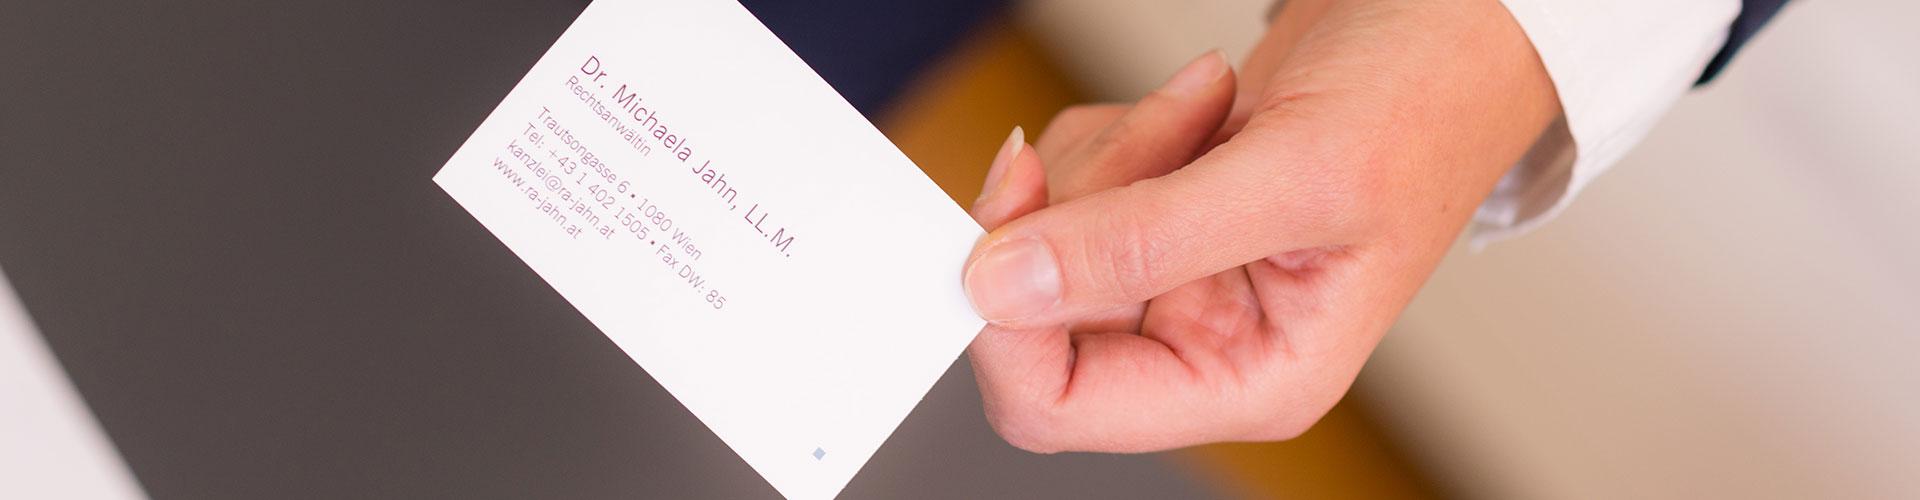 Rechtsanwalt-Dr-Michaela-Jahn-Slide06